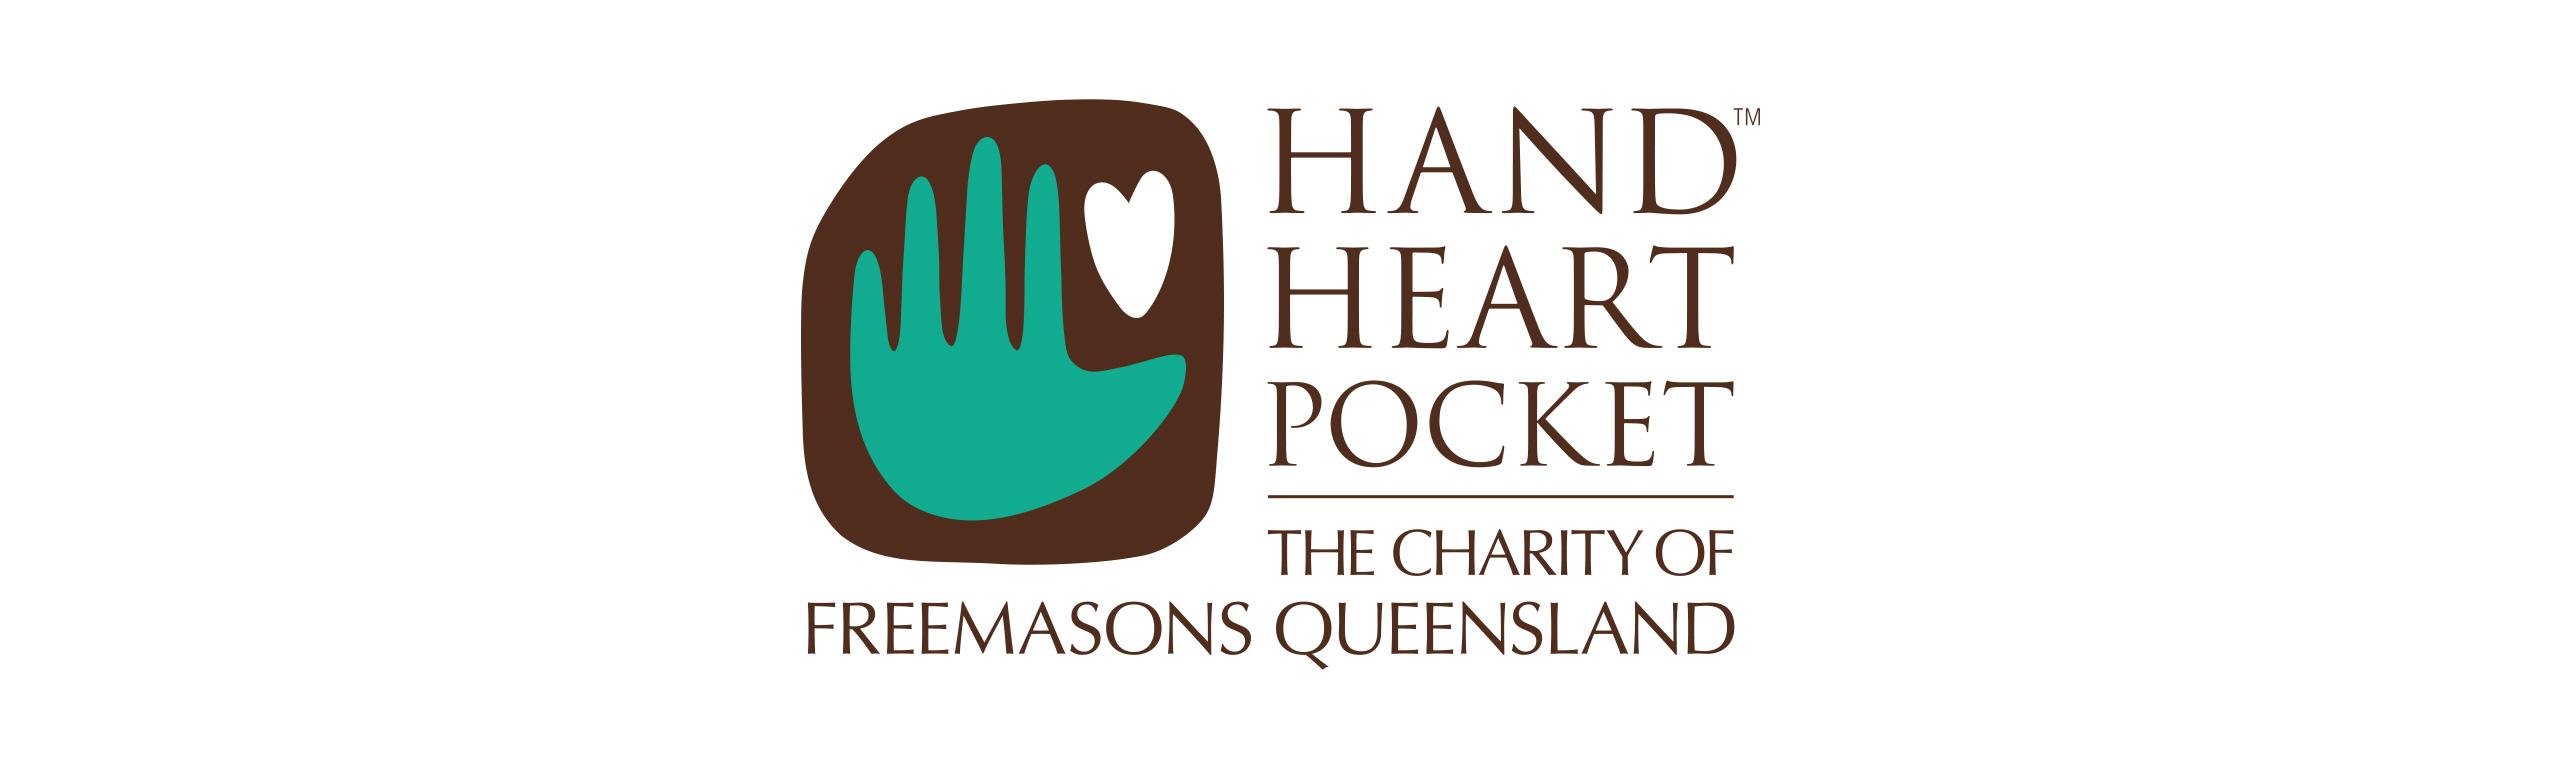 Hand Heart Pocket logo